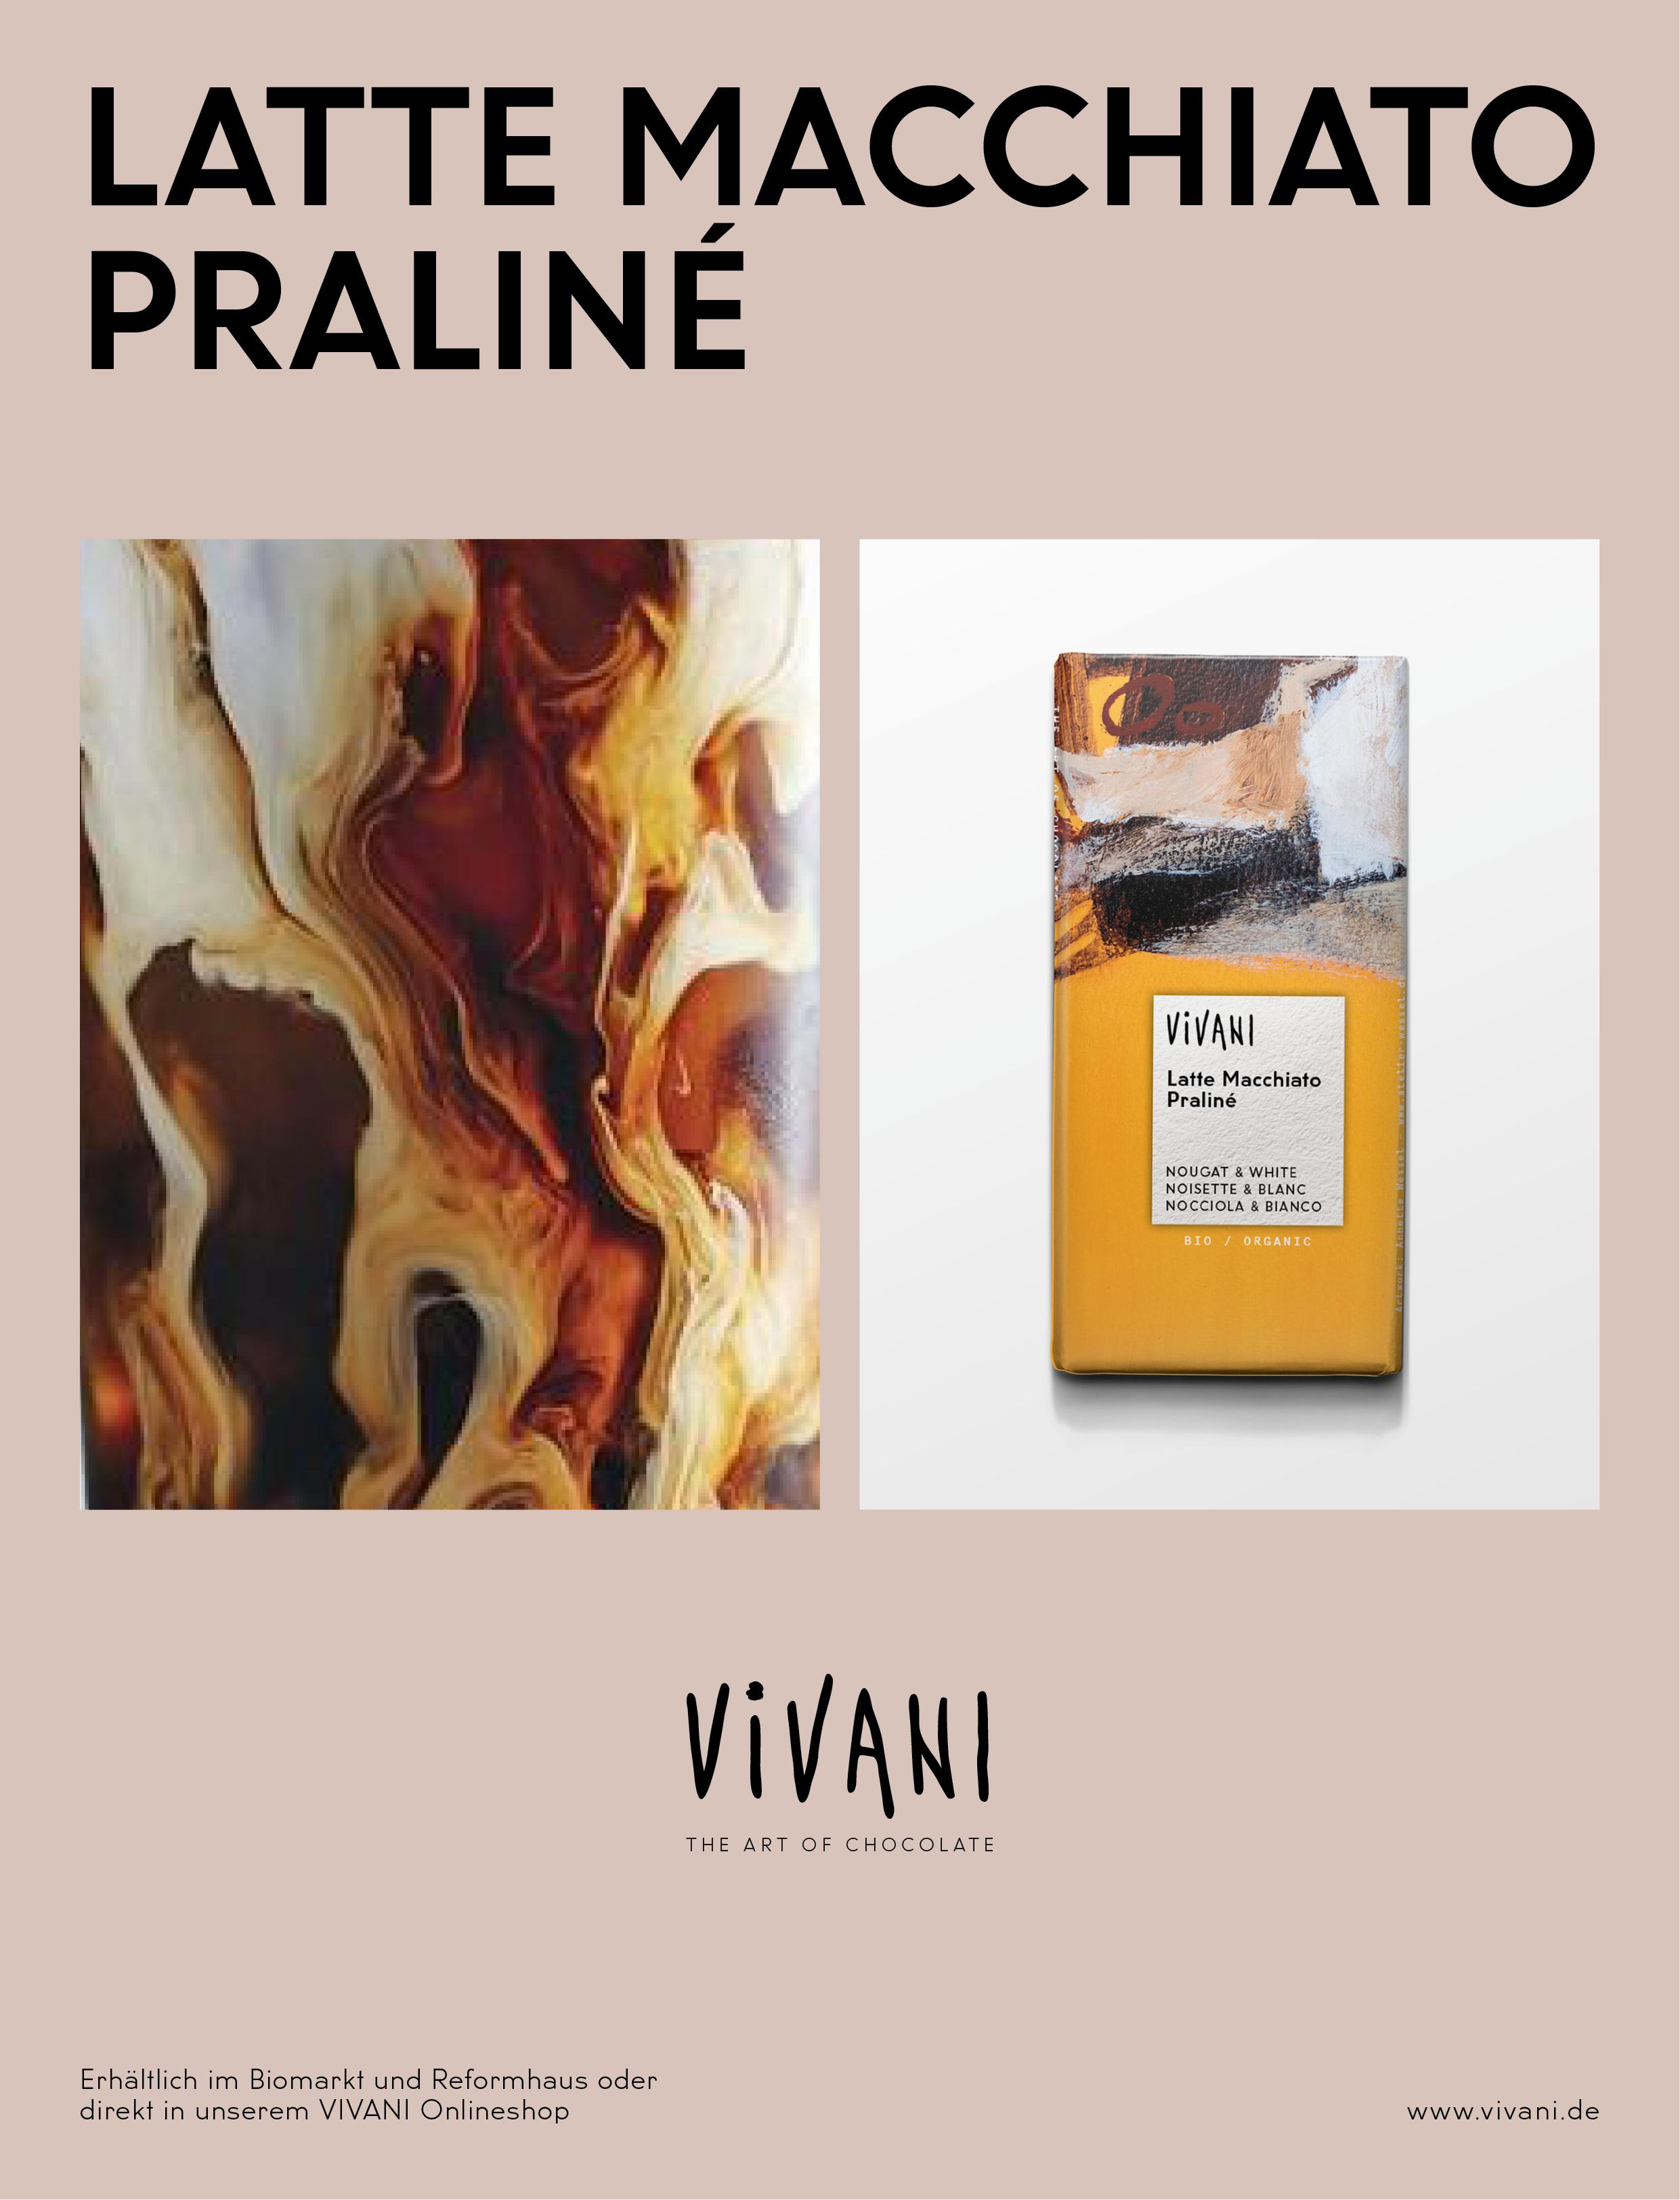 VIVANI-Magazin-Anzeige-Variante-0122.jpg